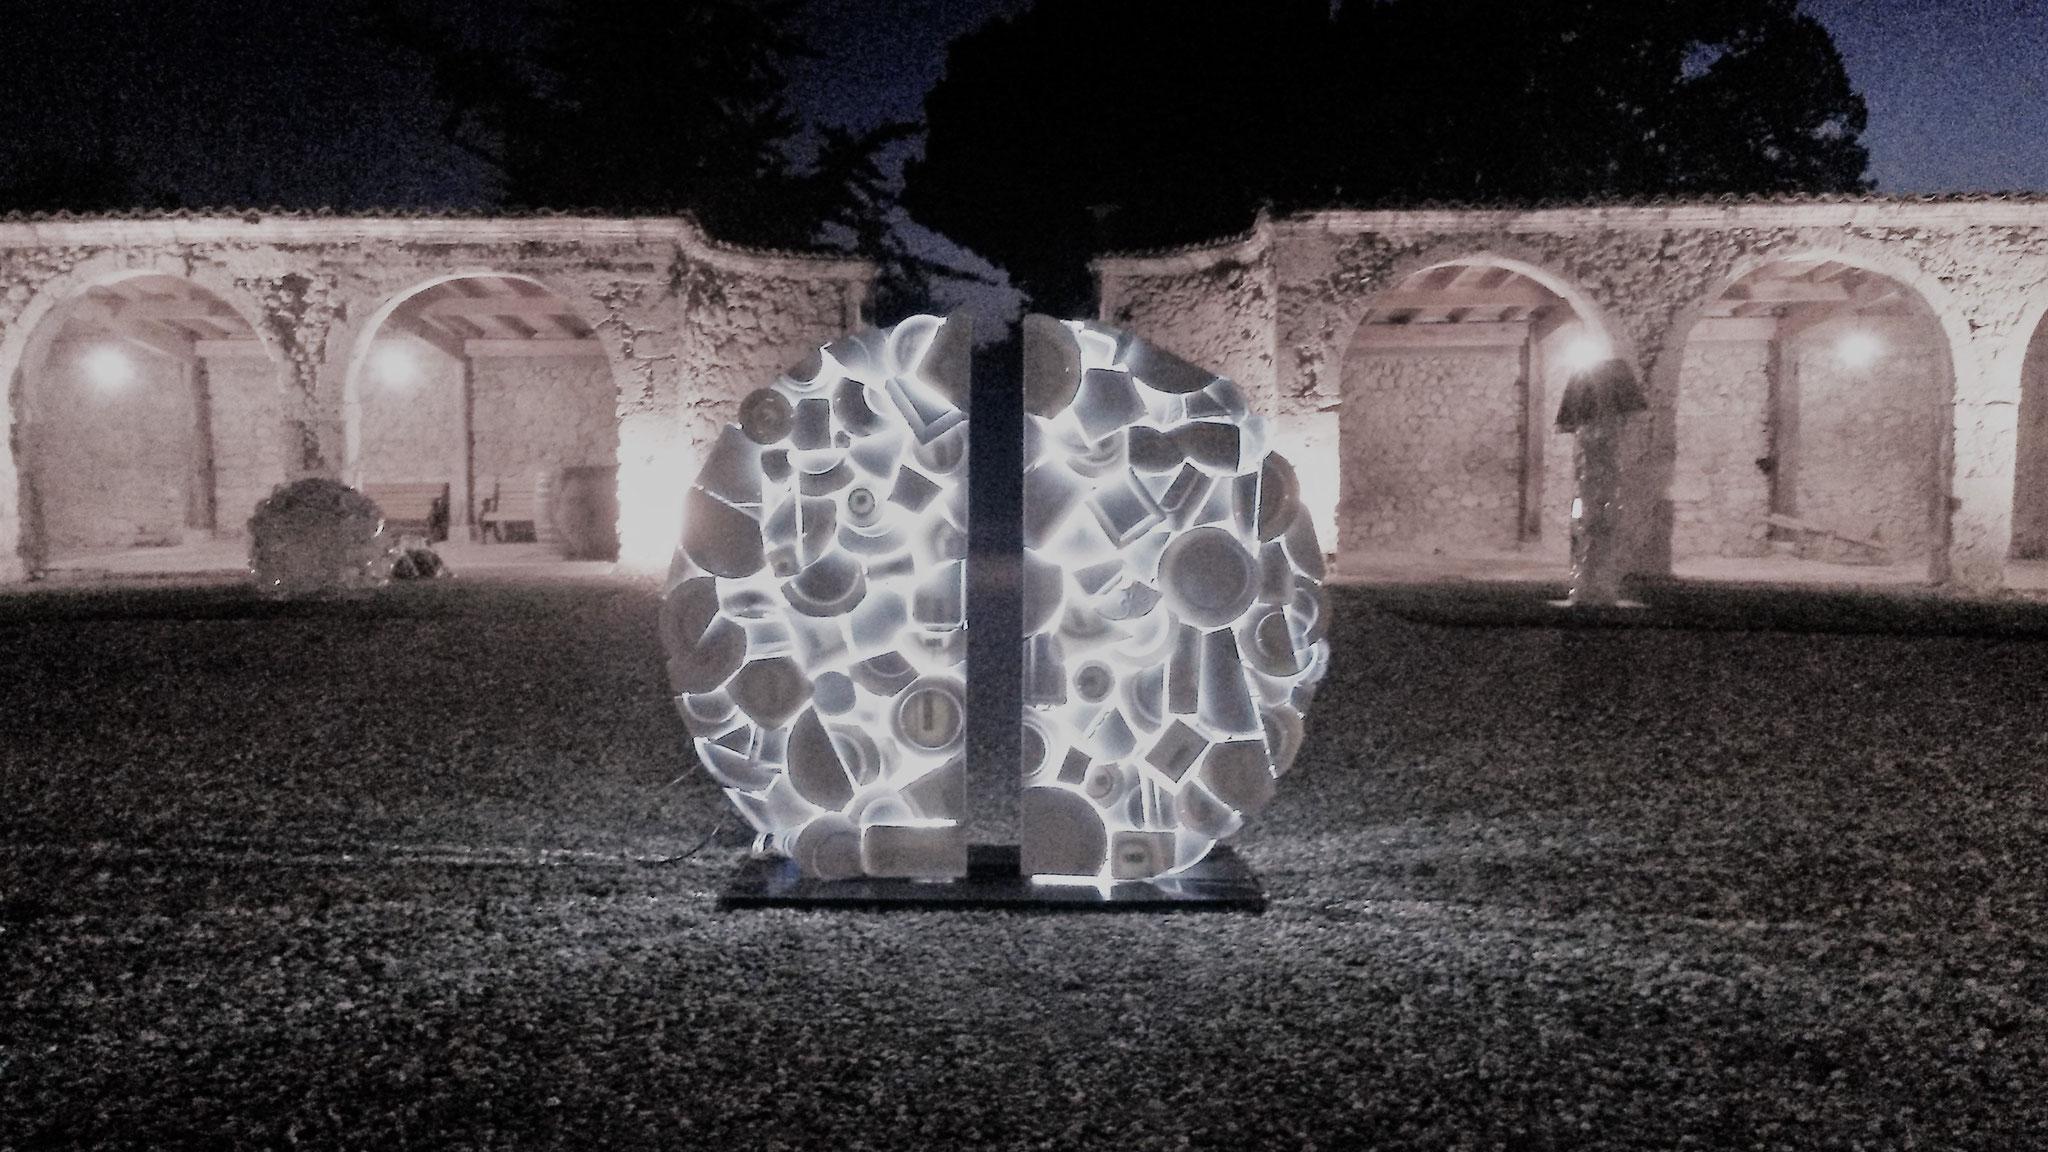 Exposition dans la cour à arcades - Sculpture : Charles Indaud